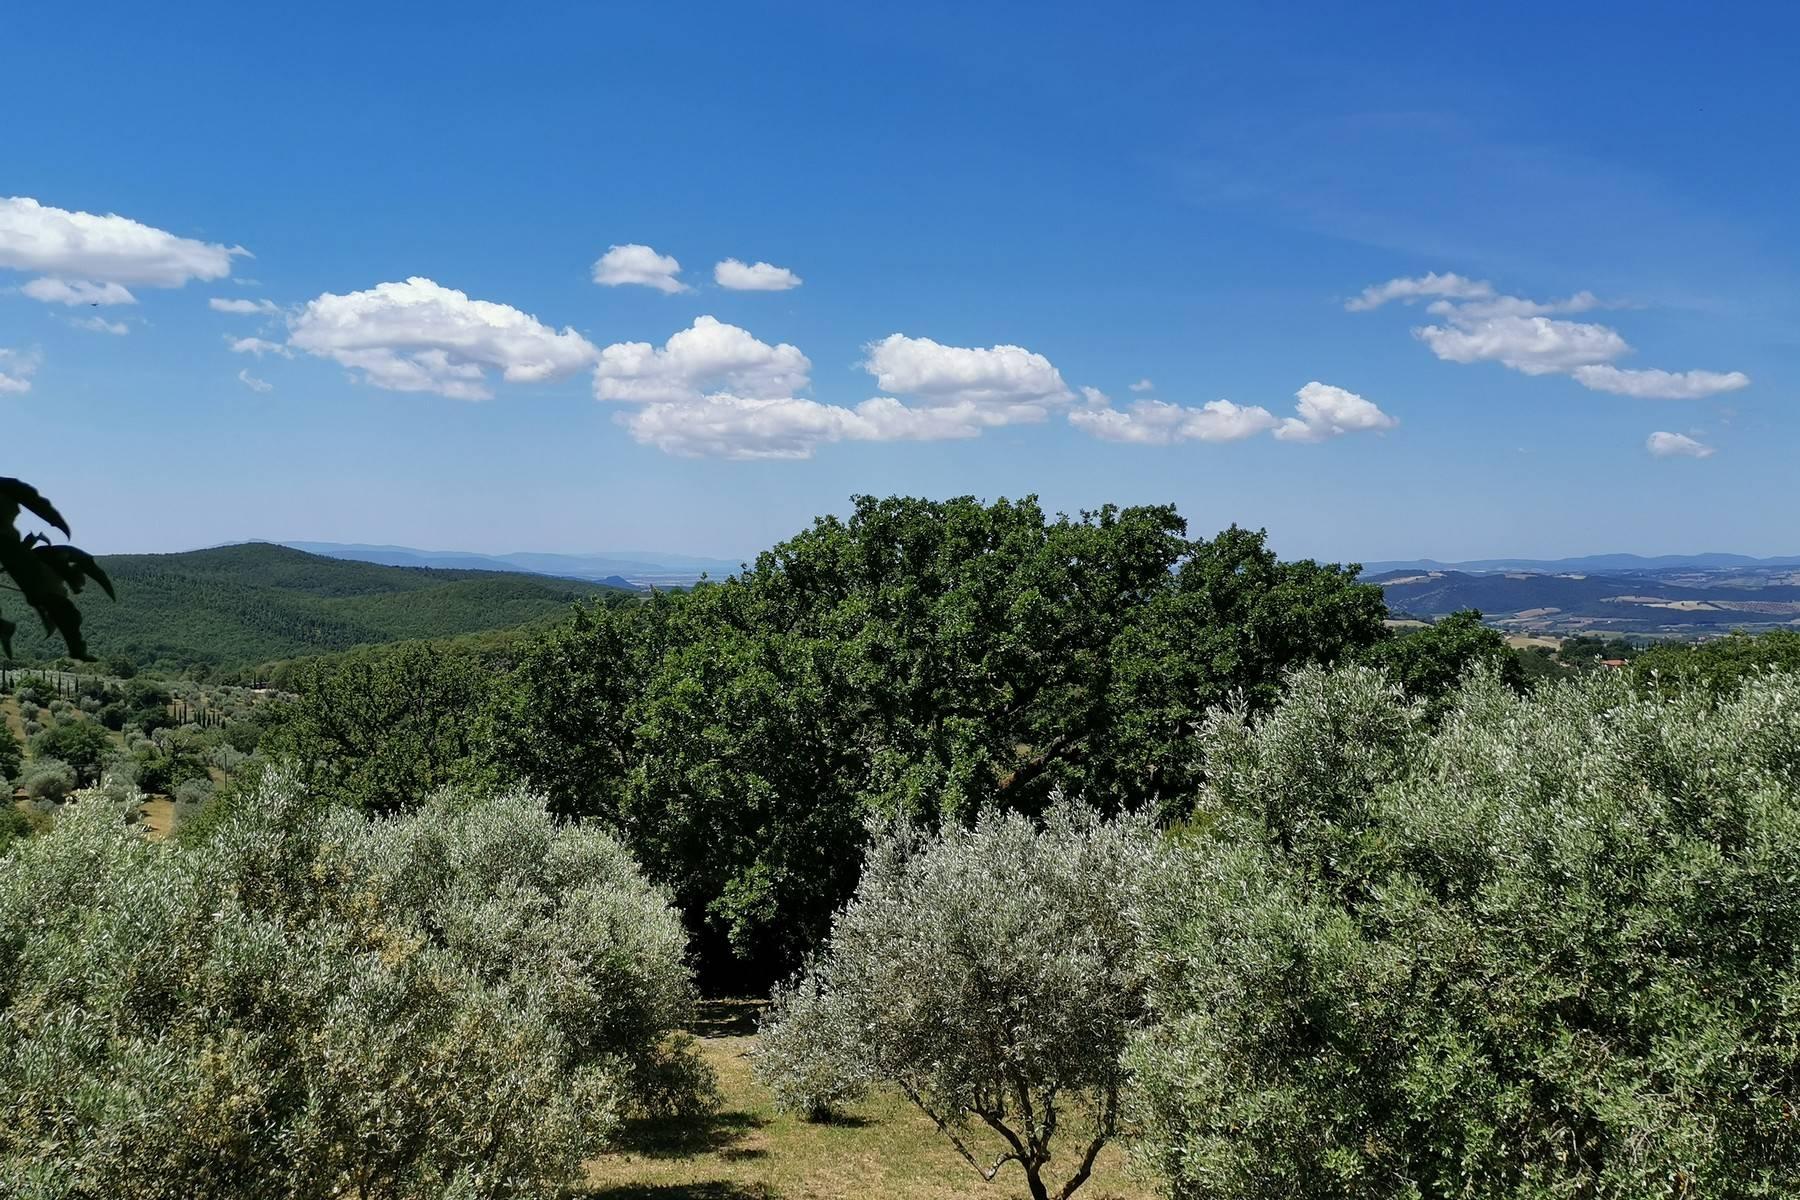 Casa indipendente in Vendita a Manciano: 5 locali, 240 mq - Foto 20